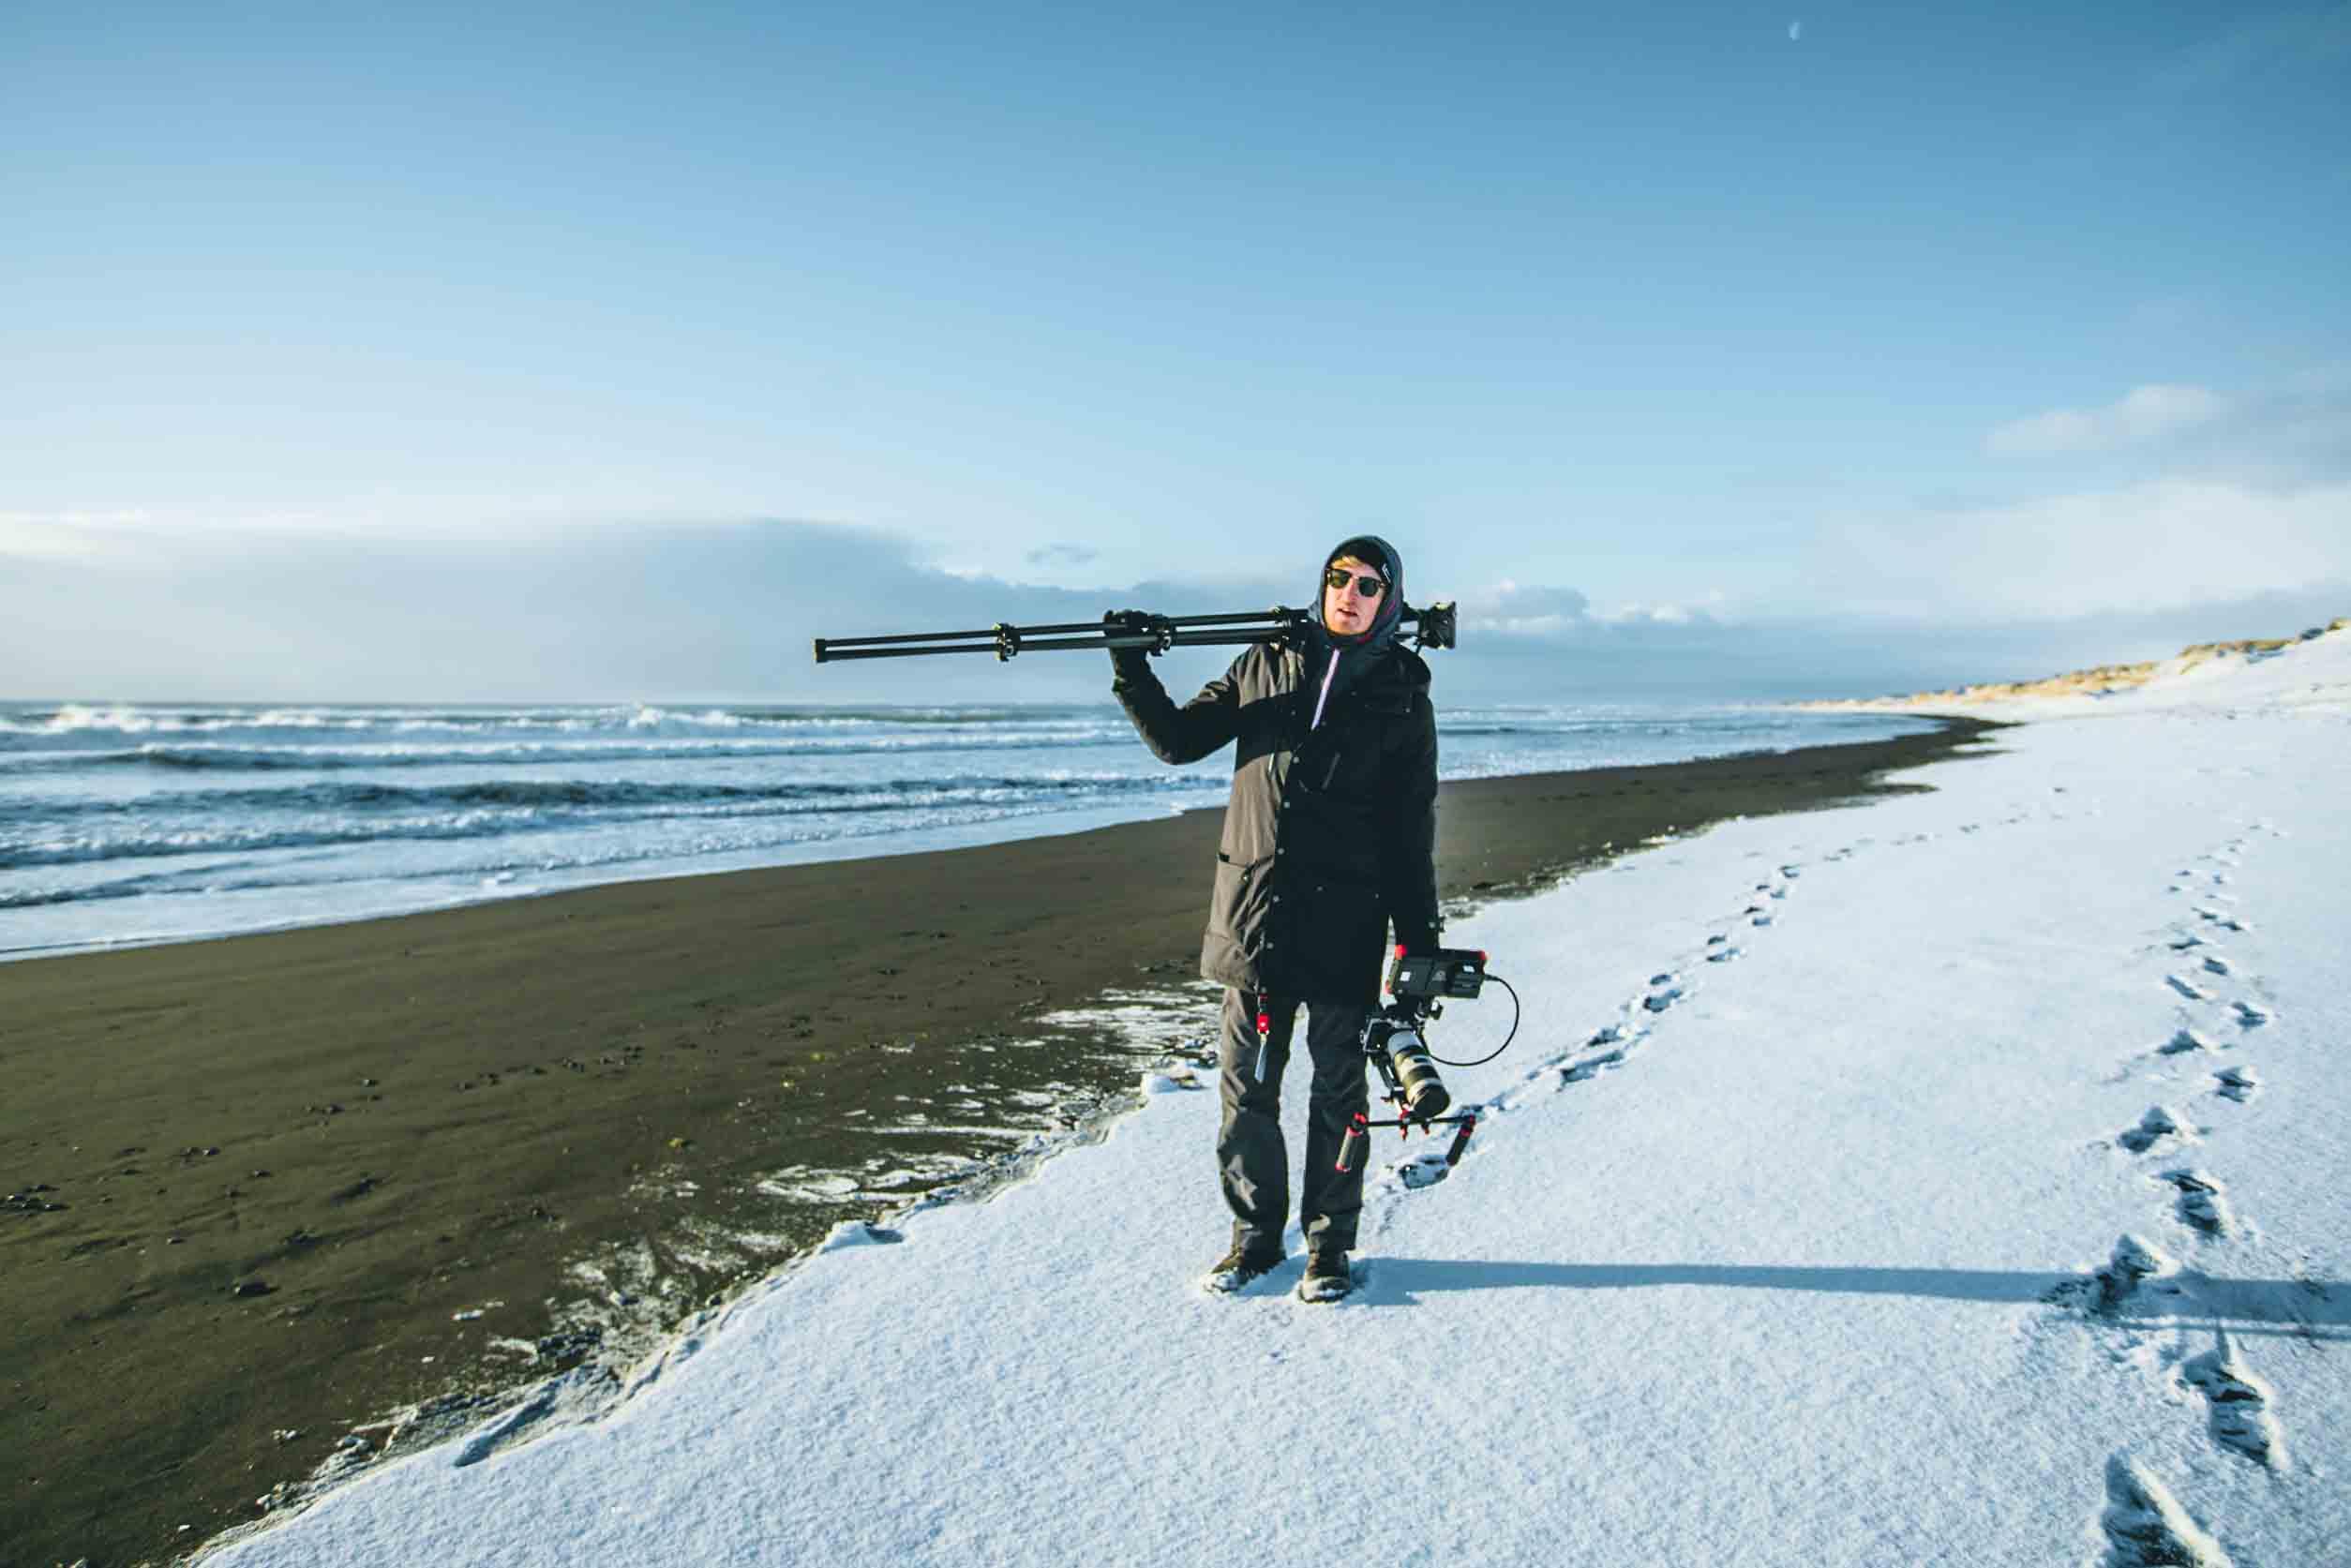 Island Surftrip Reisen Urlaub Wellenreiten22